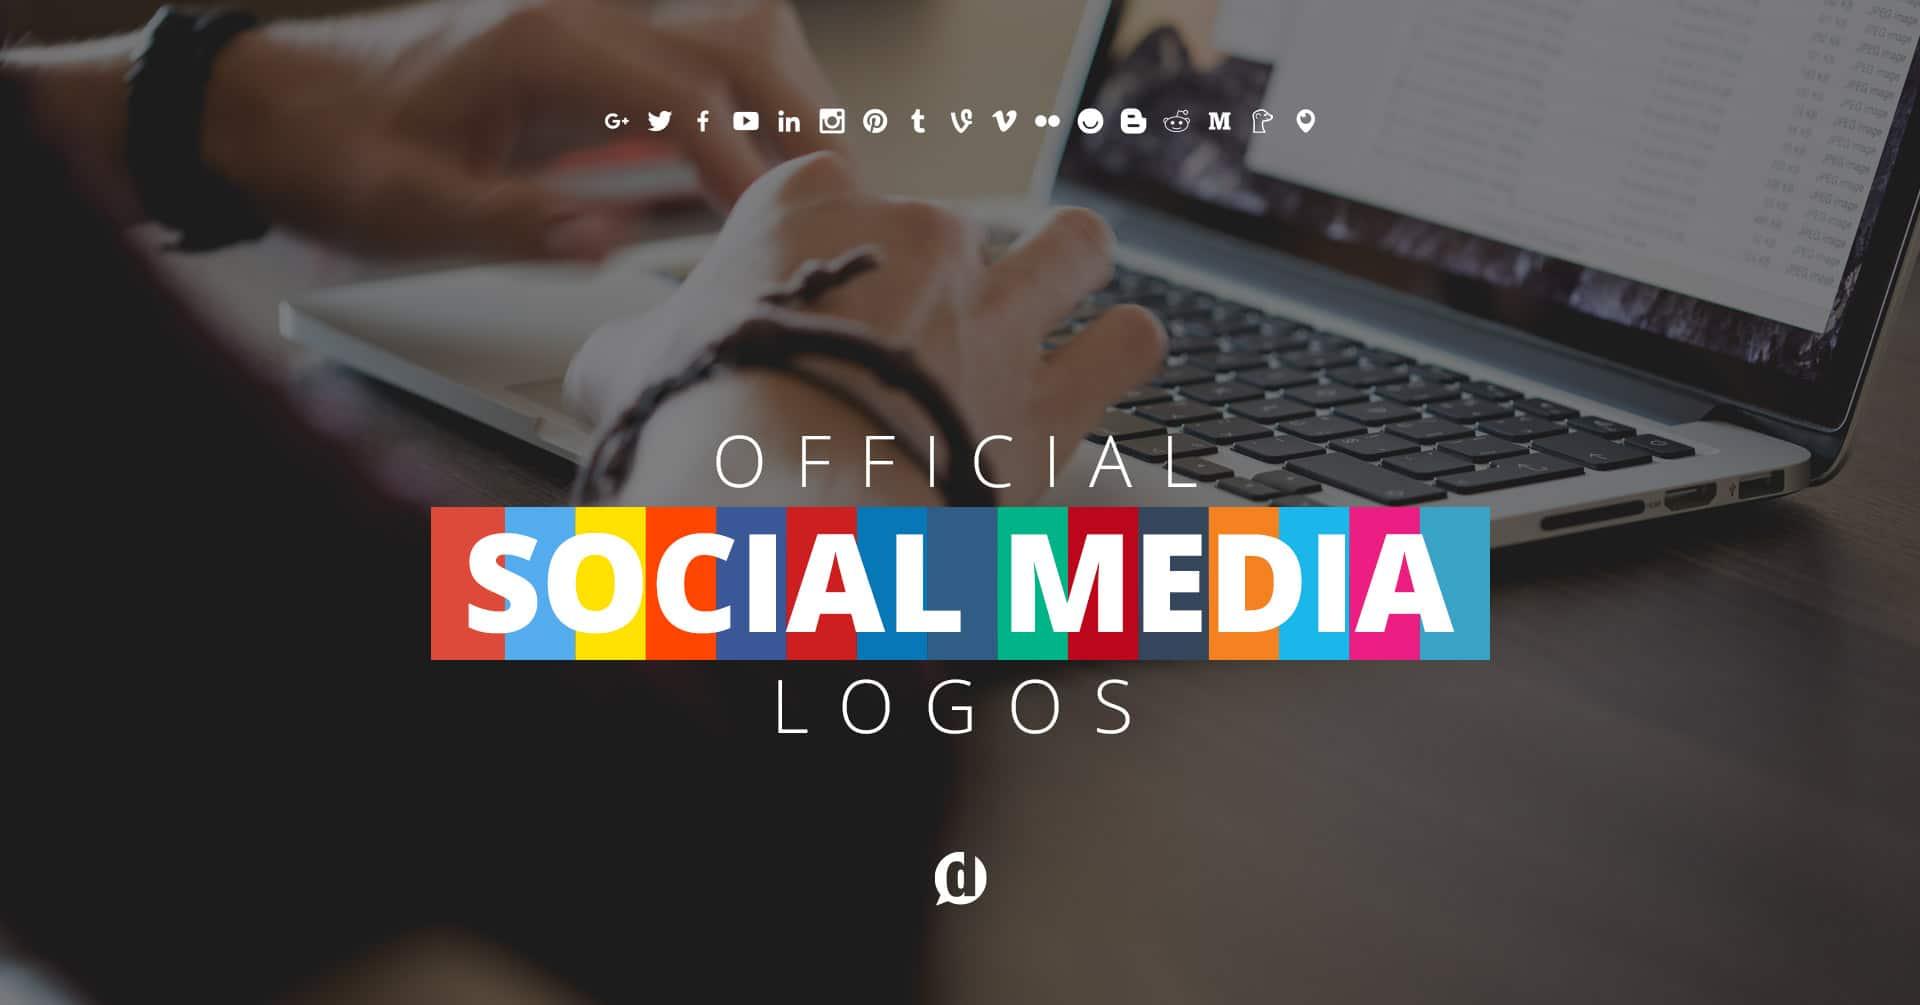 social-media-logos-1920x1005.jpg